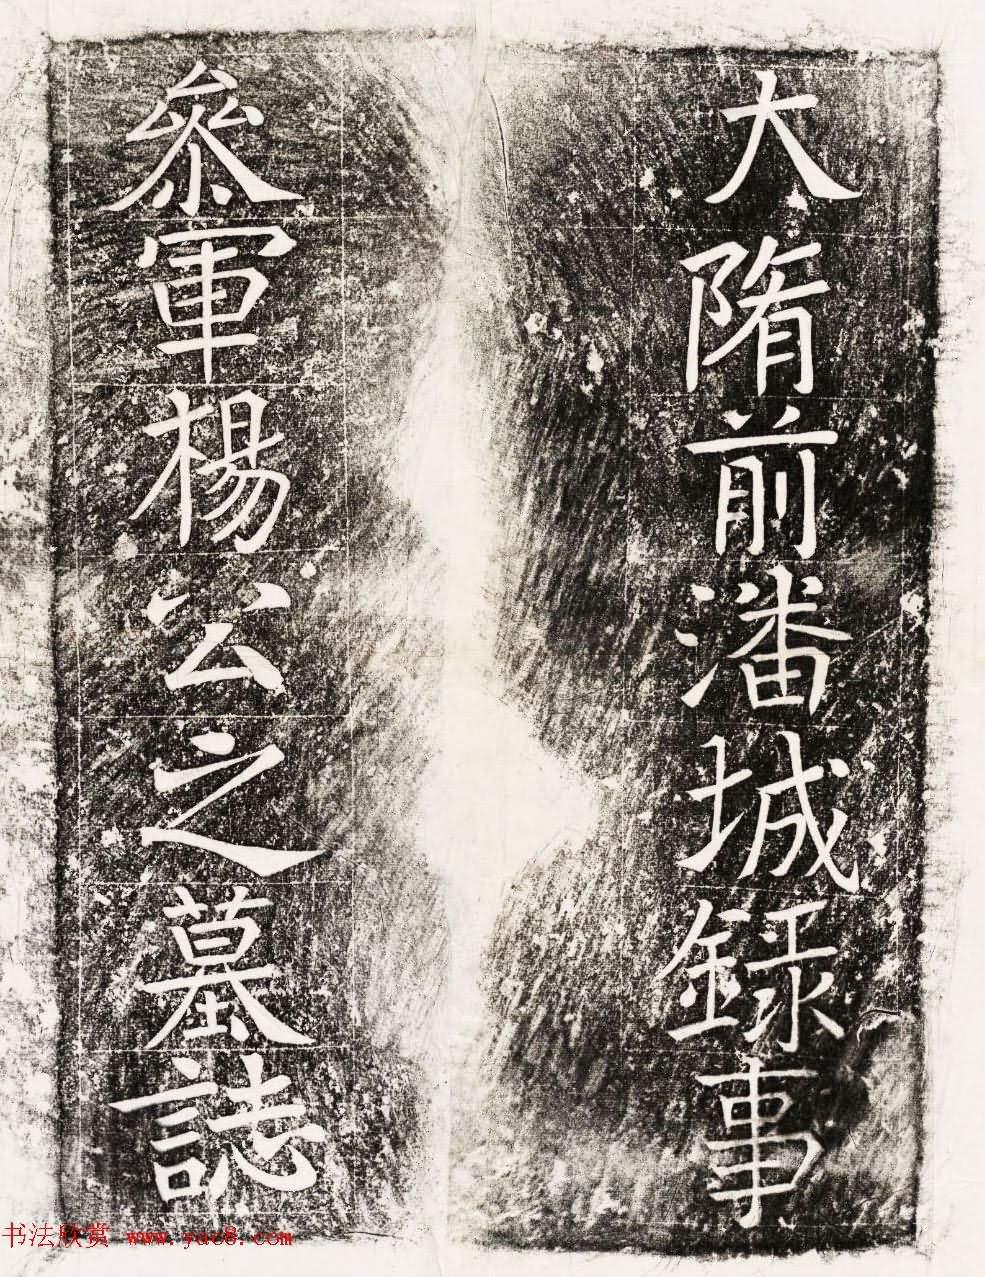 隋朝楷書石刻真跡欣賞《楊居墓誌並蓋》(共4張圖片)